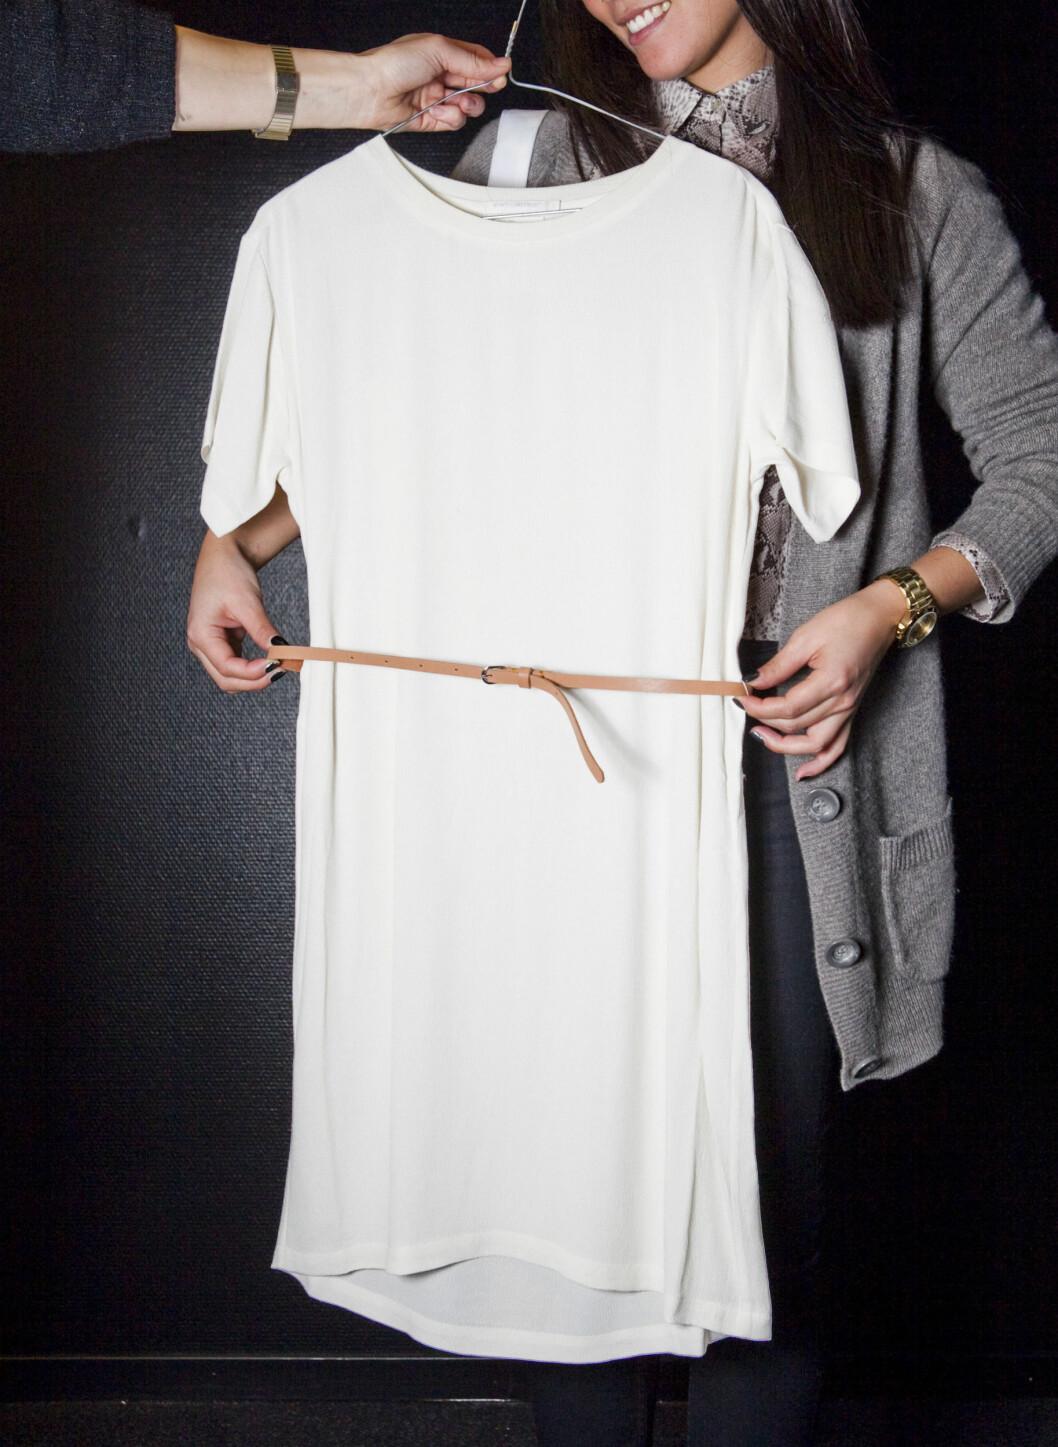 Hvit kjole med smalt skinnbelte. Foto: Per Ervland